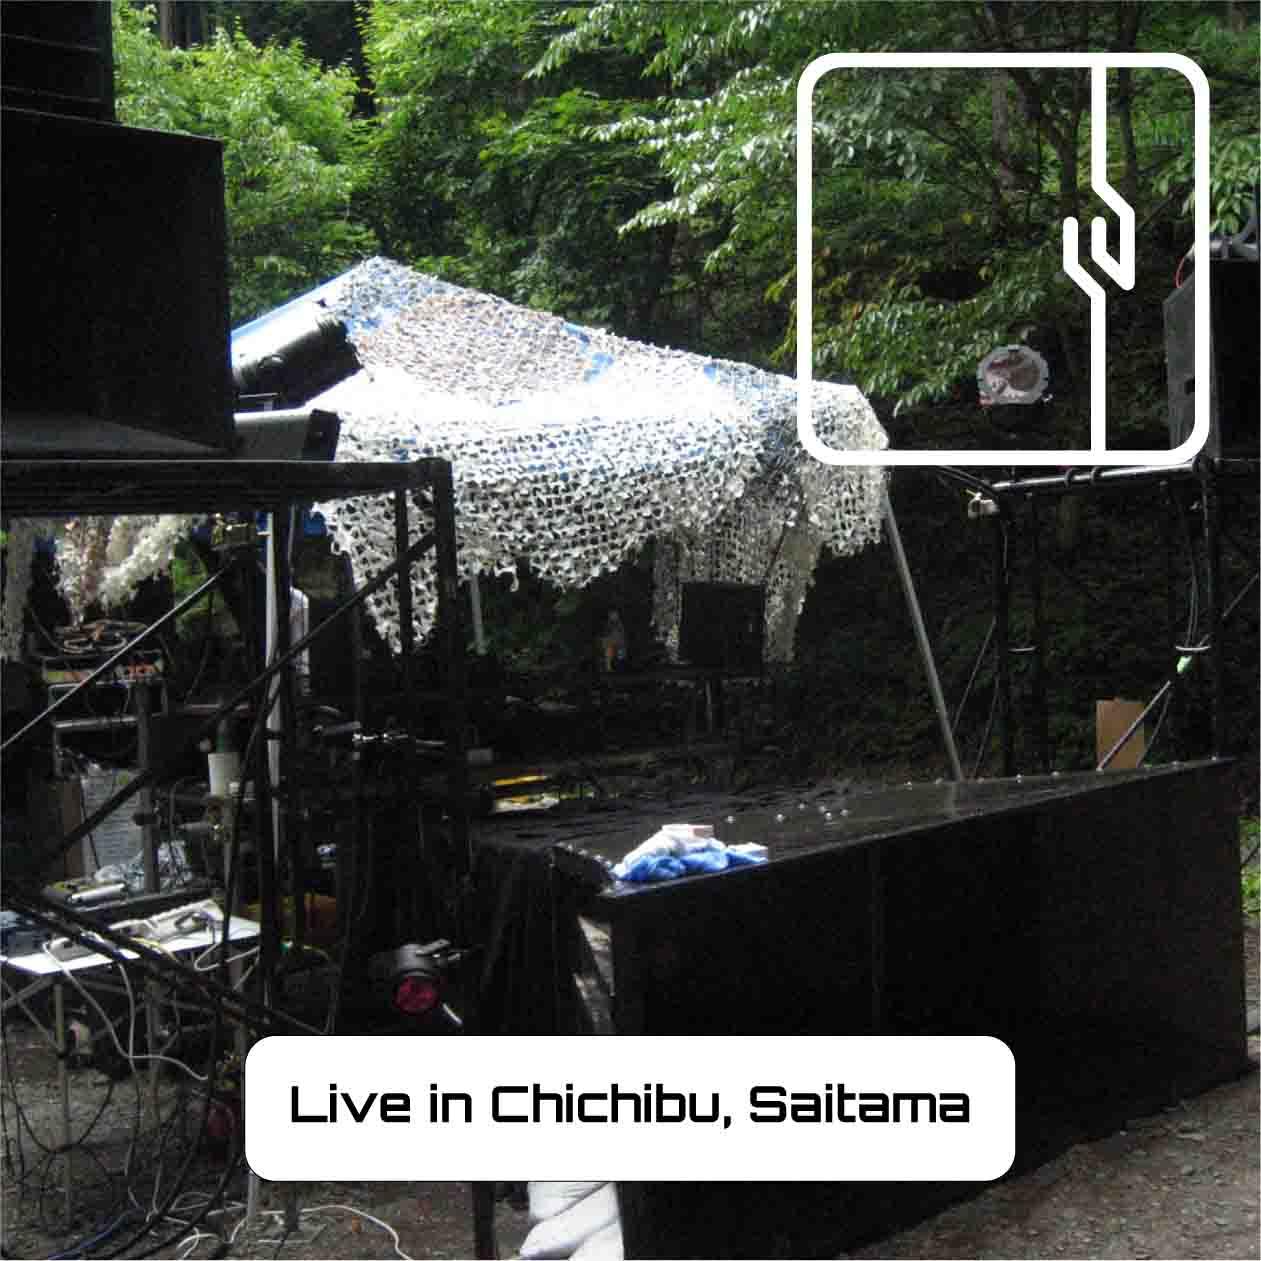 Chichibu-Live-Set-Artwork